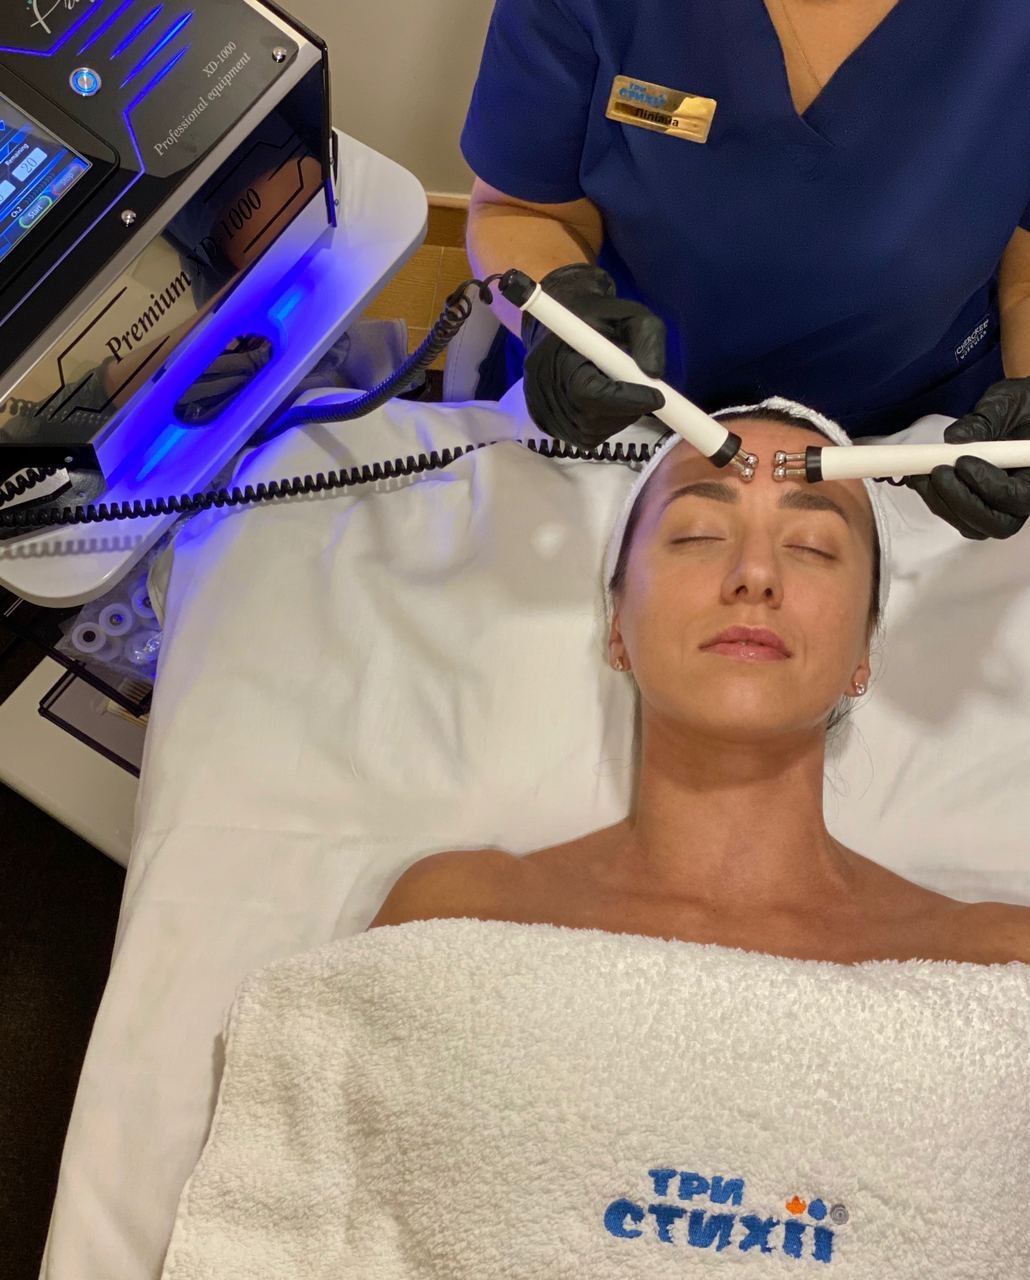 RF-ліфтинг: безпечне омолодження обличчя і тіла